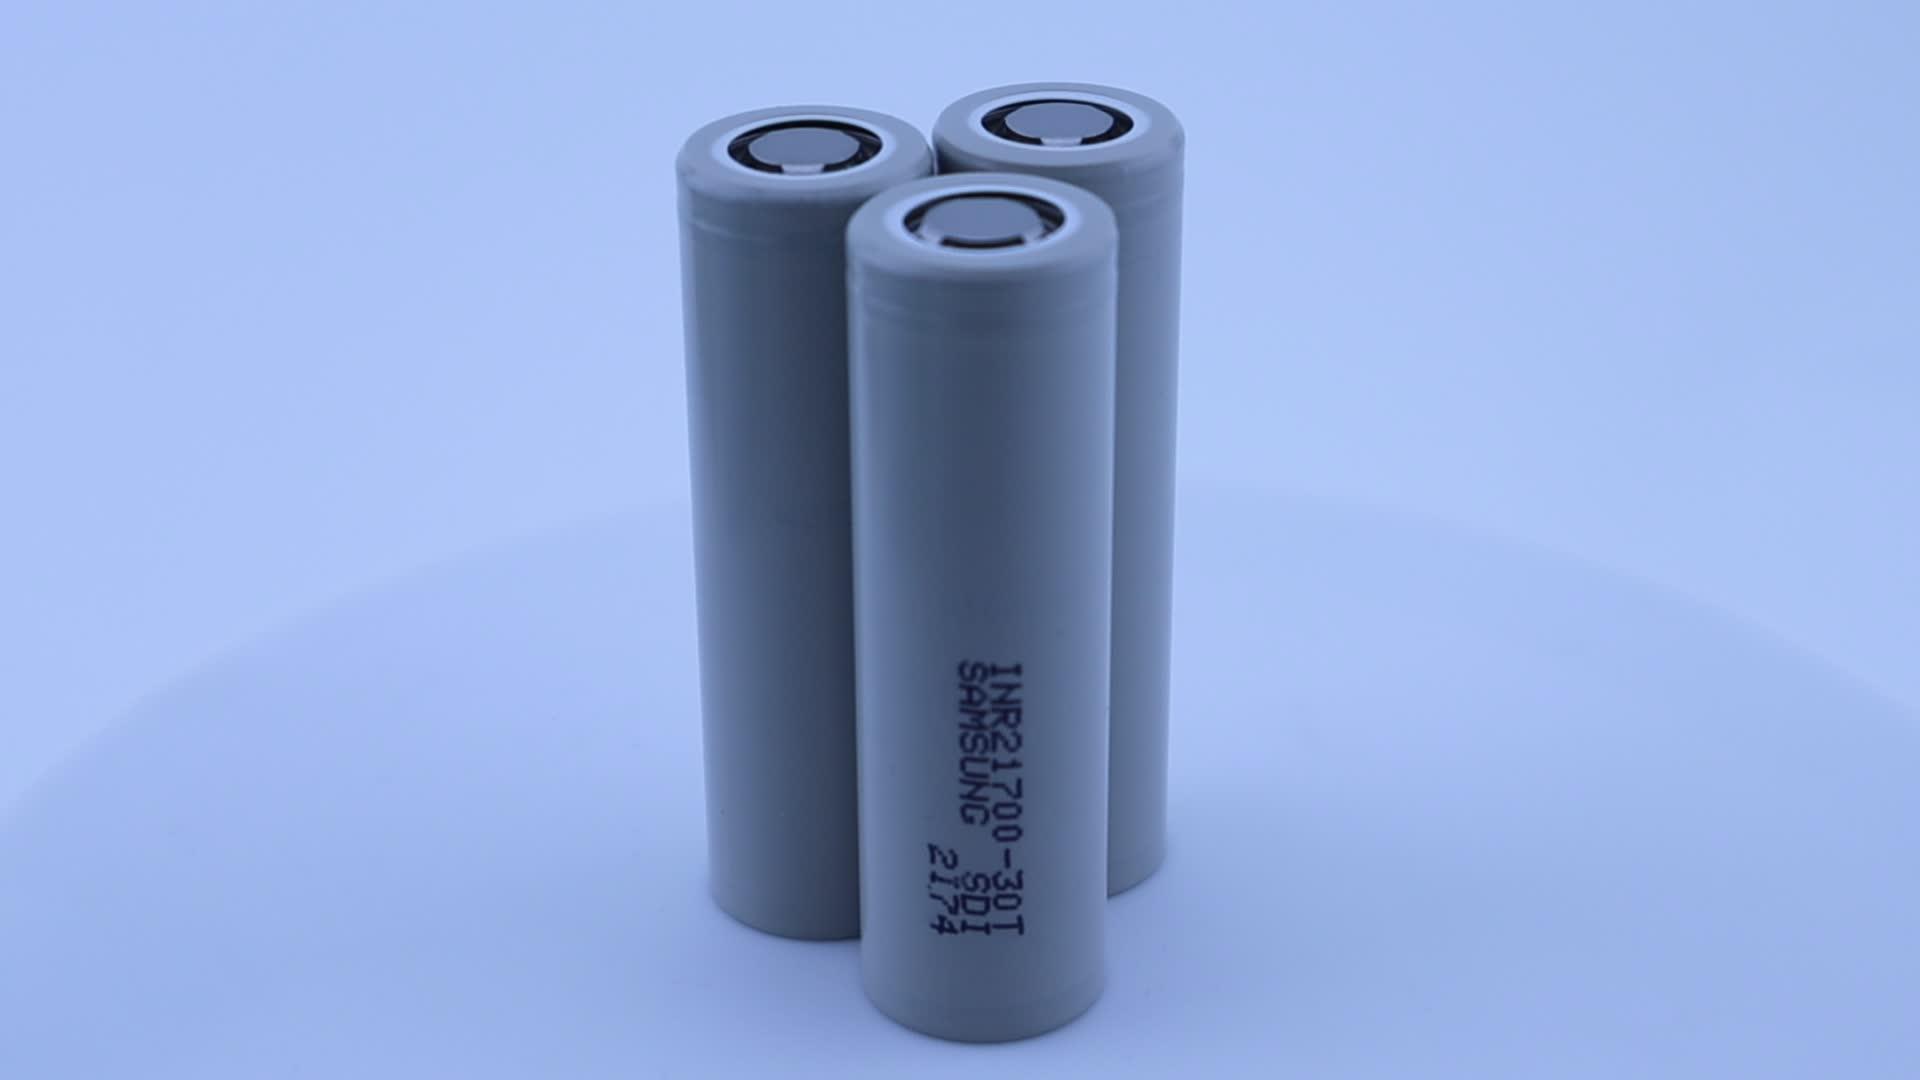 Big stock for 30T 21700 3000mah 3.7V liion battery new vape battery